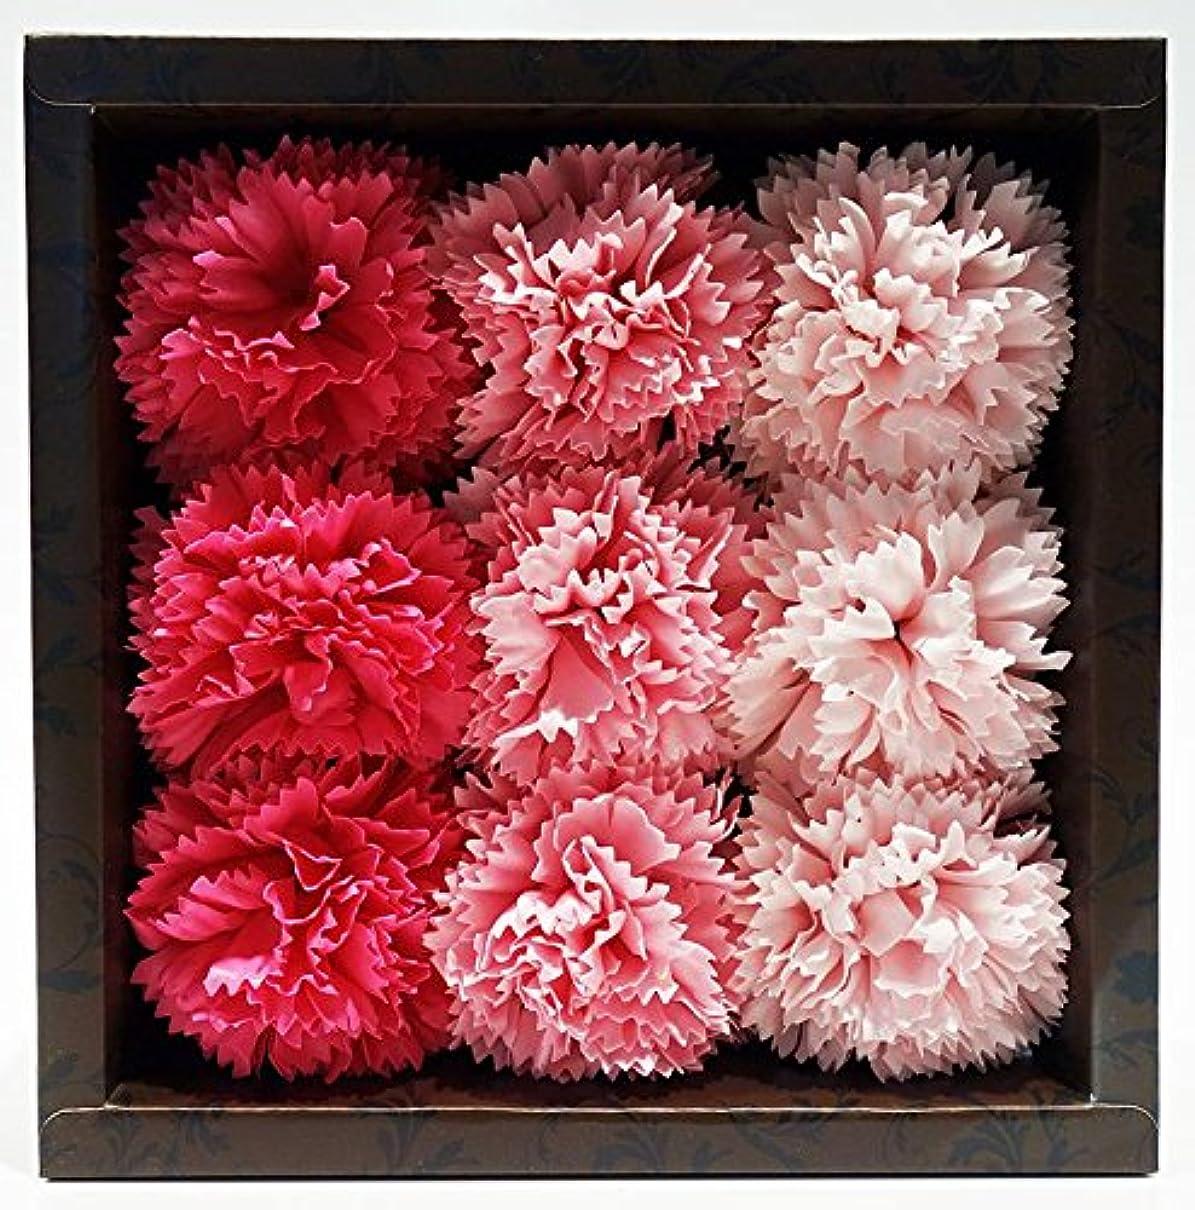 主張する寄生虫超えてバスフレグランス バスフラワー カーネーション ピンクカラー お花の形の入浴剤 母の日 プレゼント ギフト